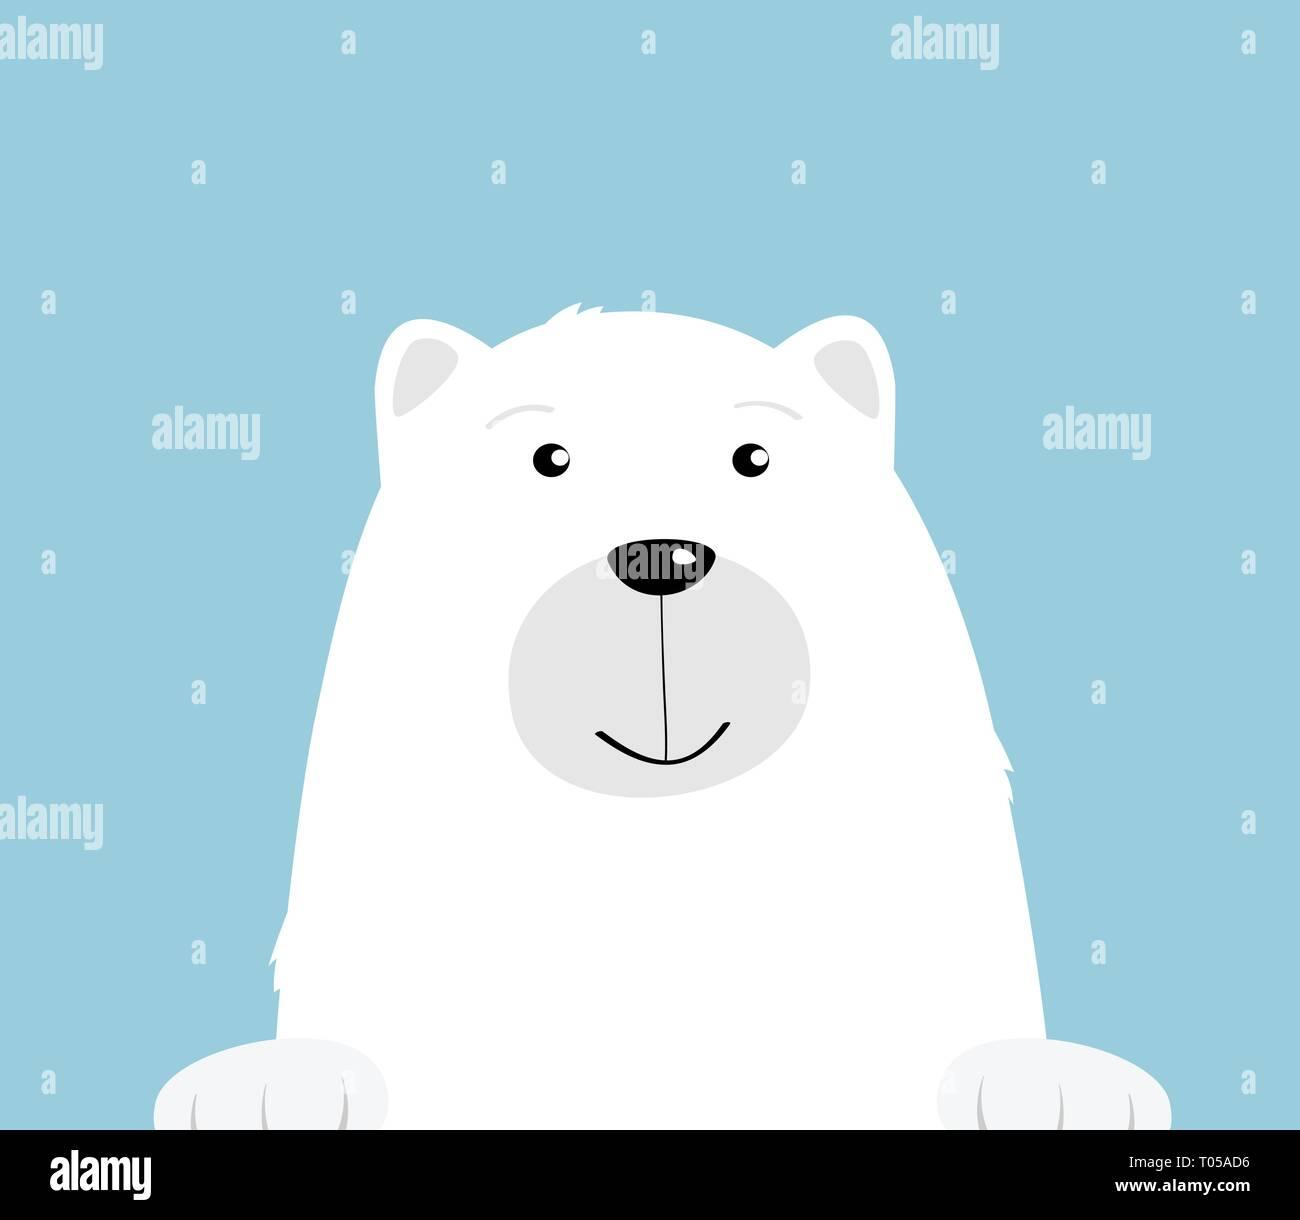 Cute Dibujos Animados Oso Polar Blanco Sobre Fondo Azul